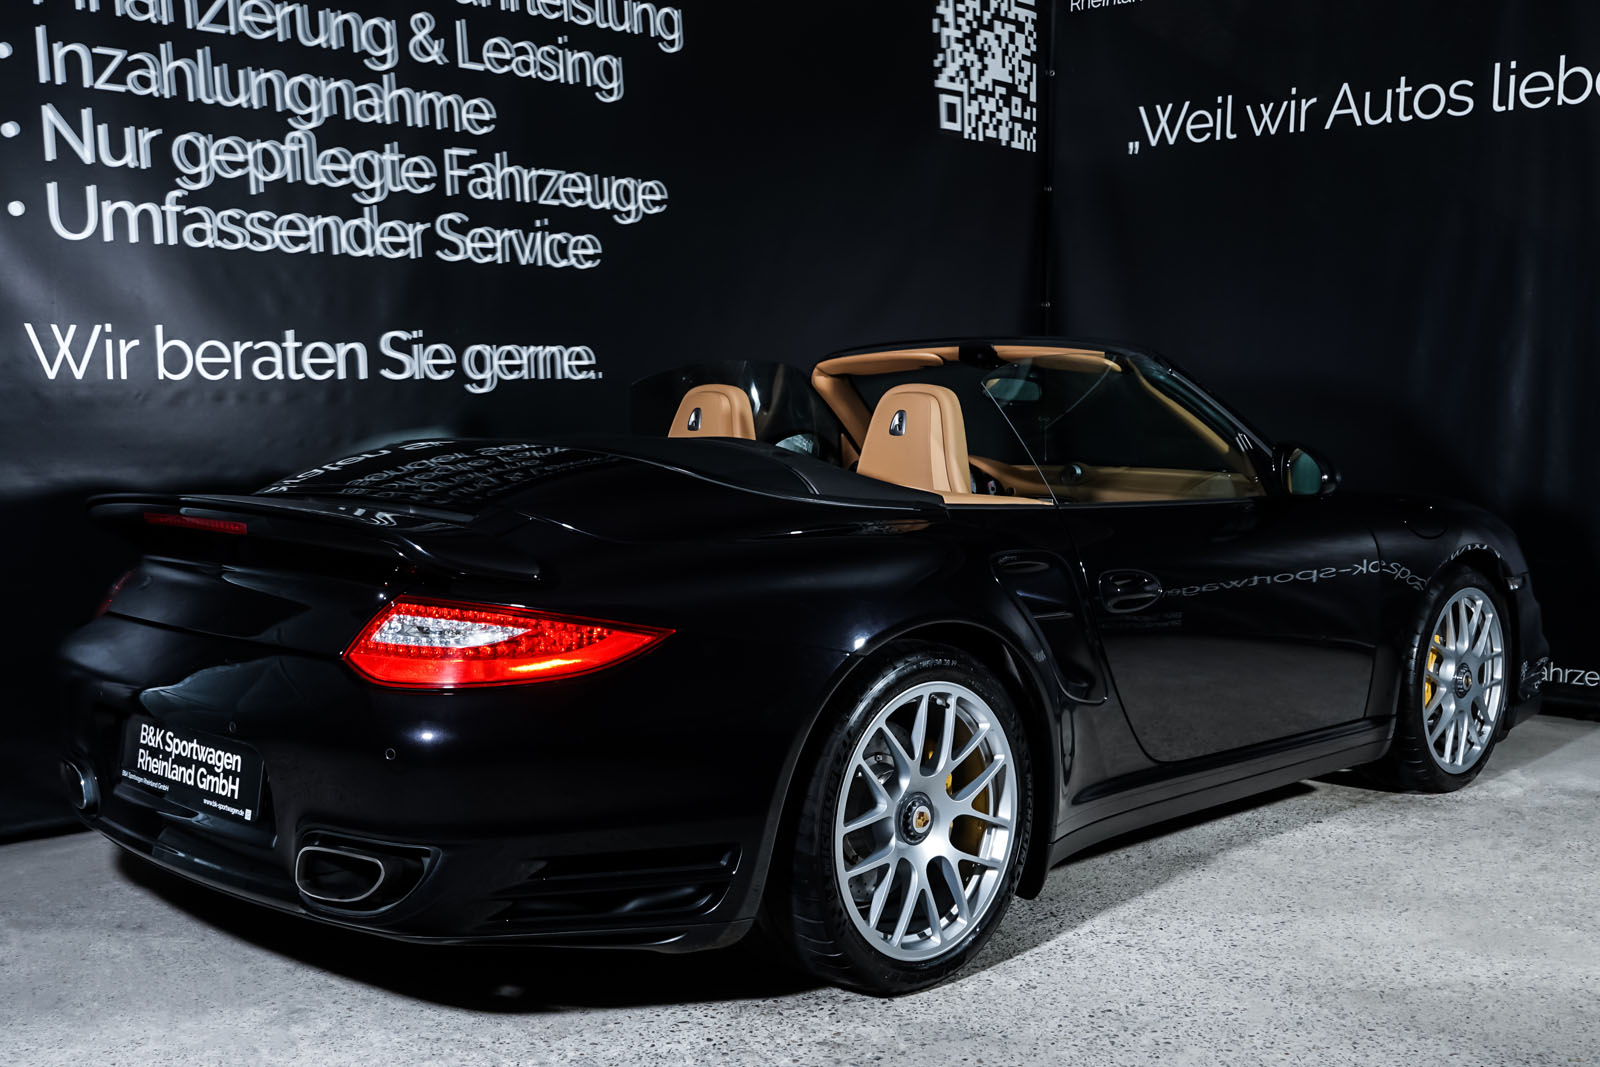 Porsche_997_TurboS_Cabrio_Schwarz_Beige_POR-0260_21_w